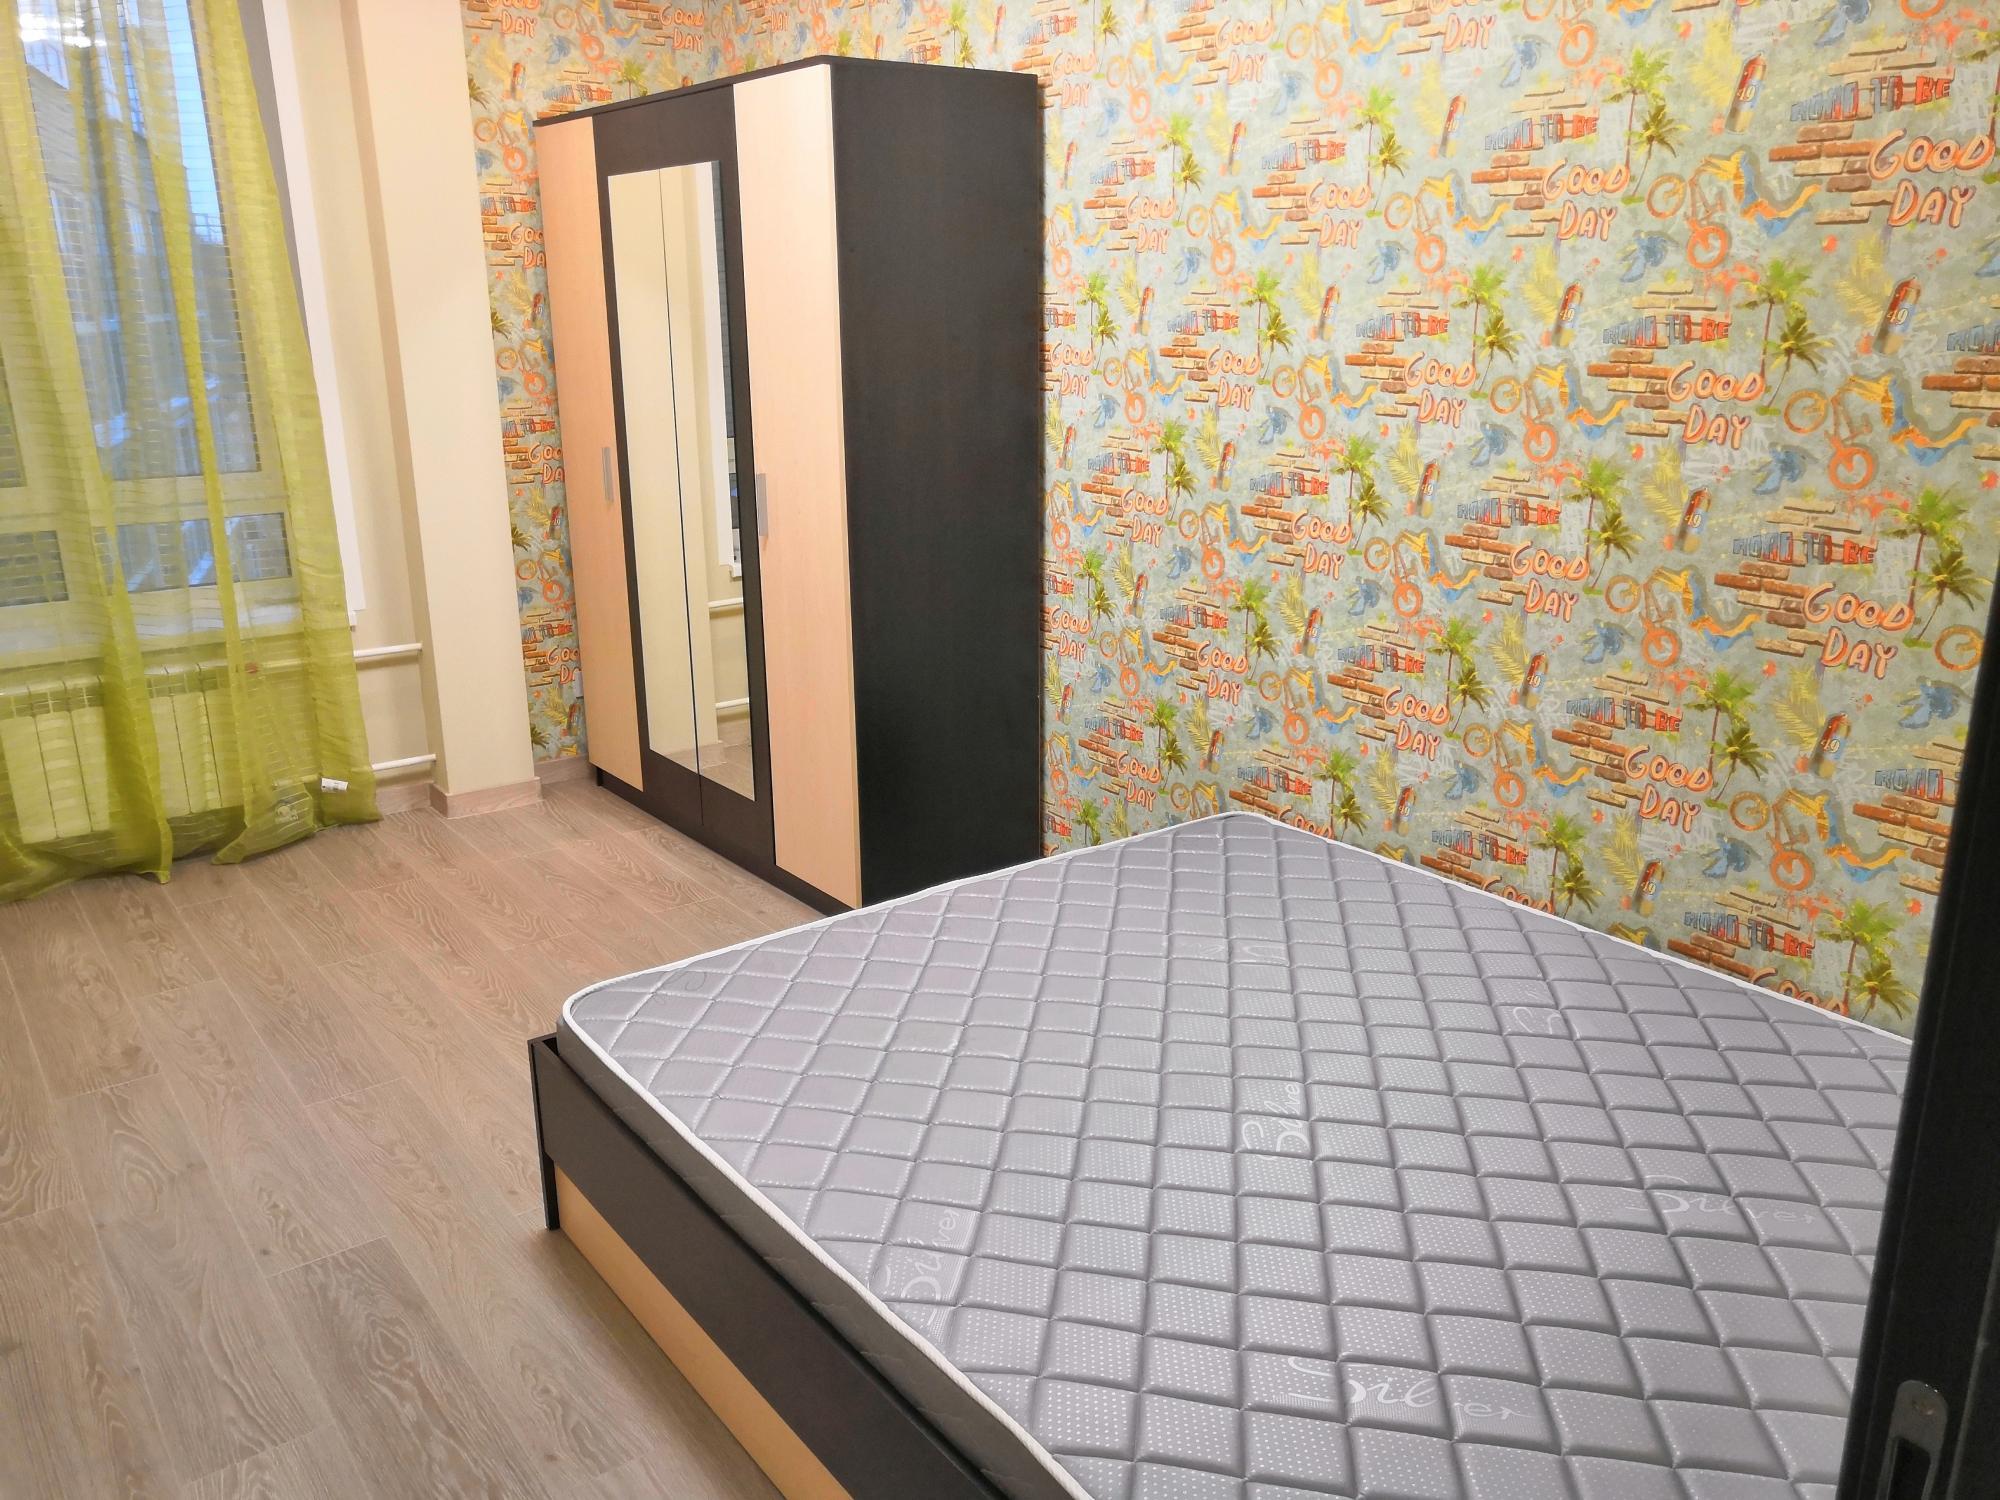 Квартира, 3 комнаты, 74 м² в Щербинке 89990025182 купить 3